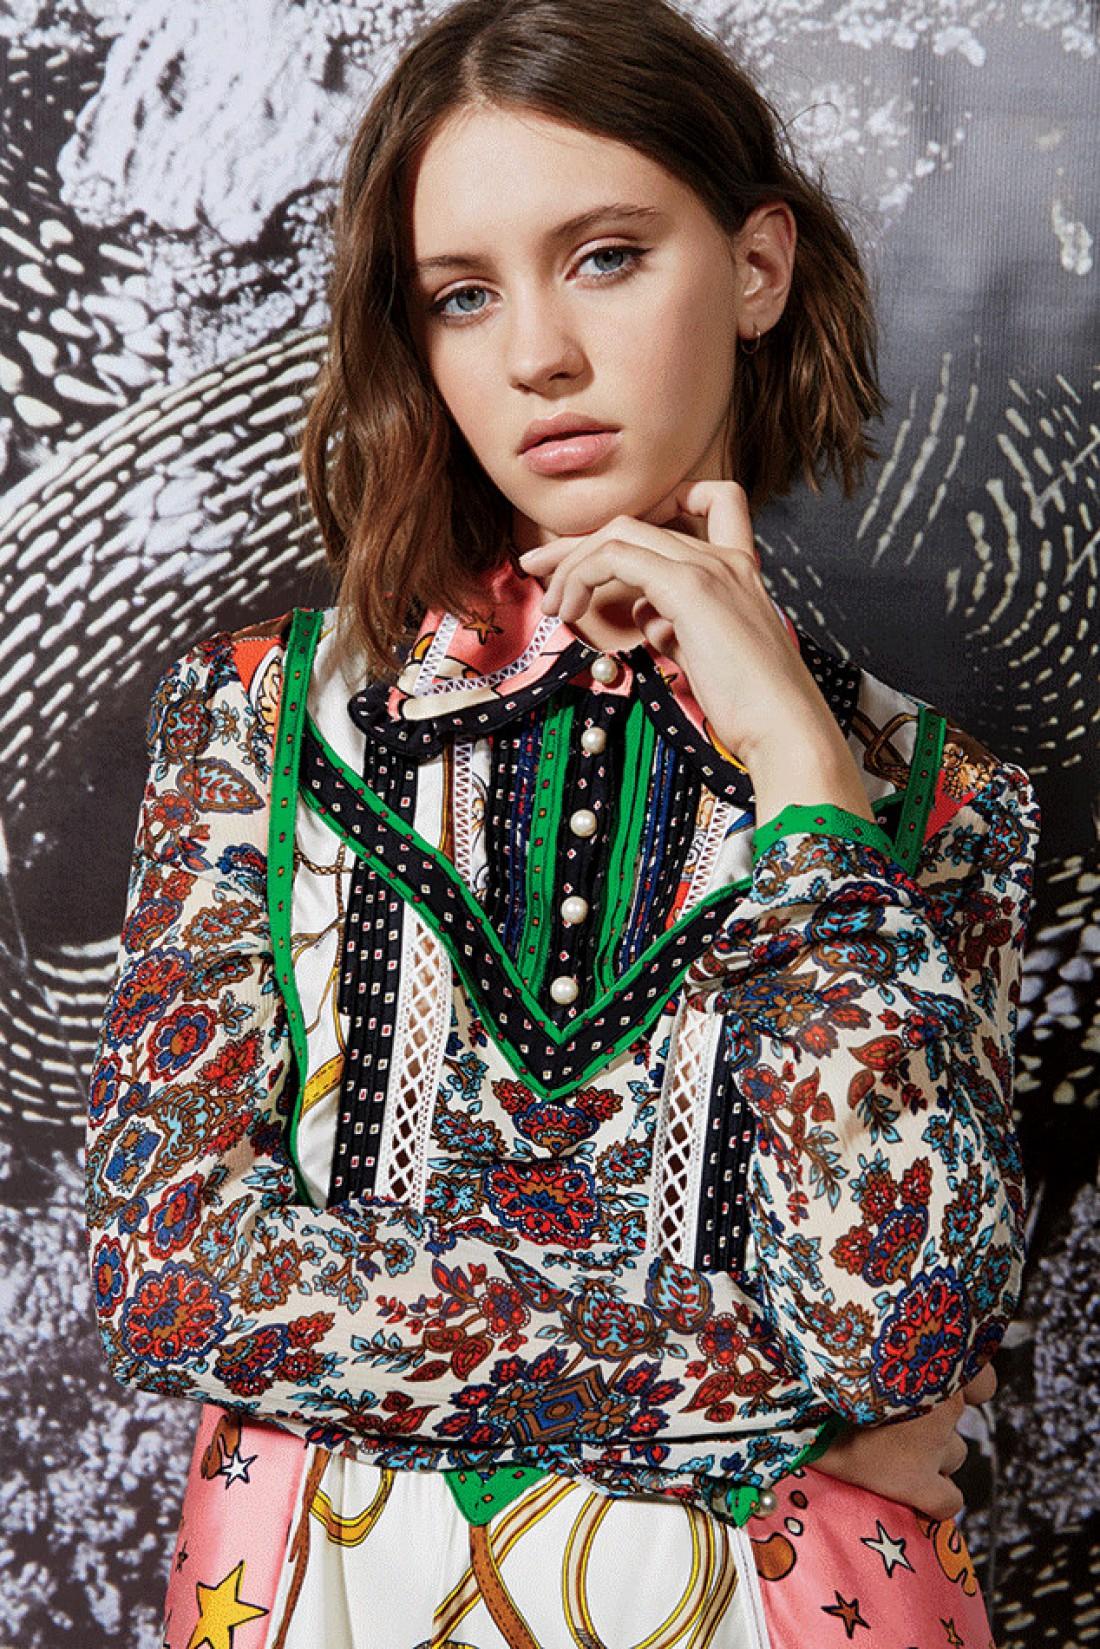 Айрис Лоу для журнала Teen Vogue